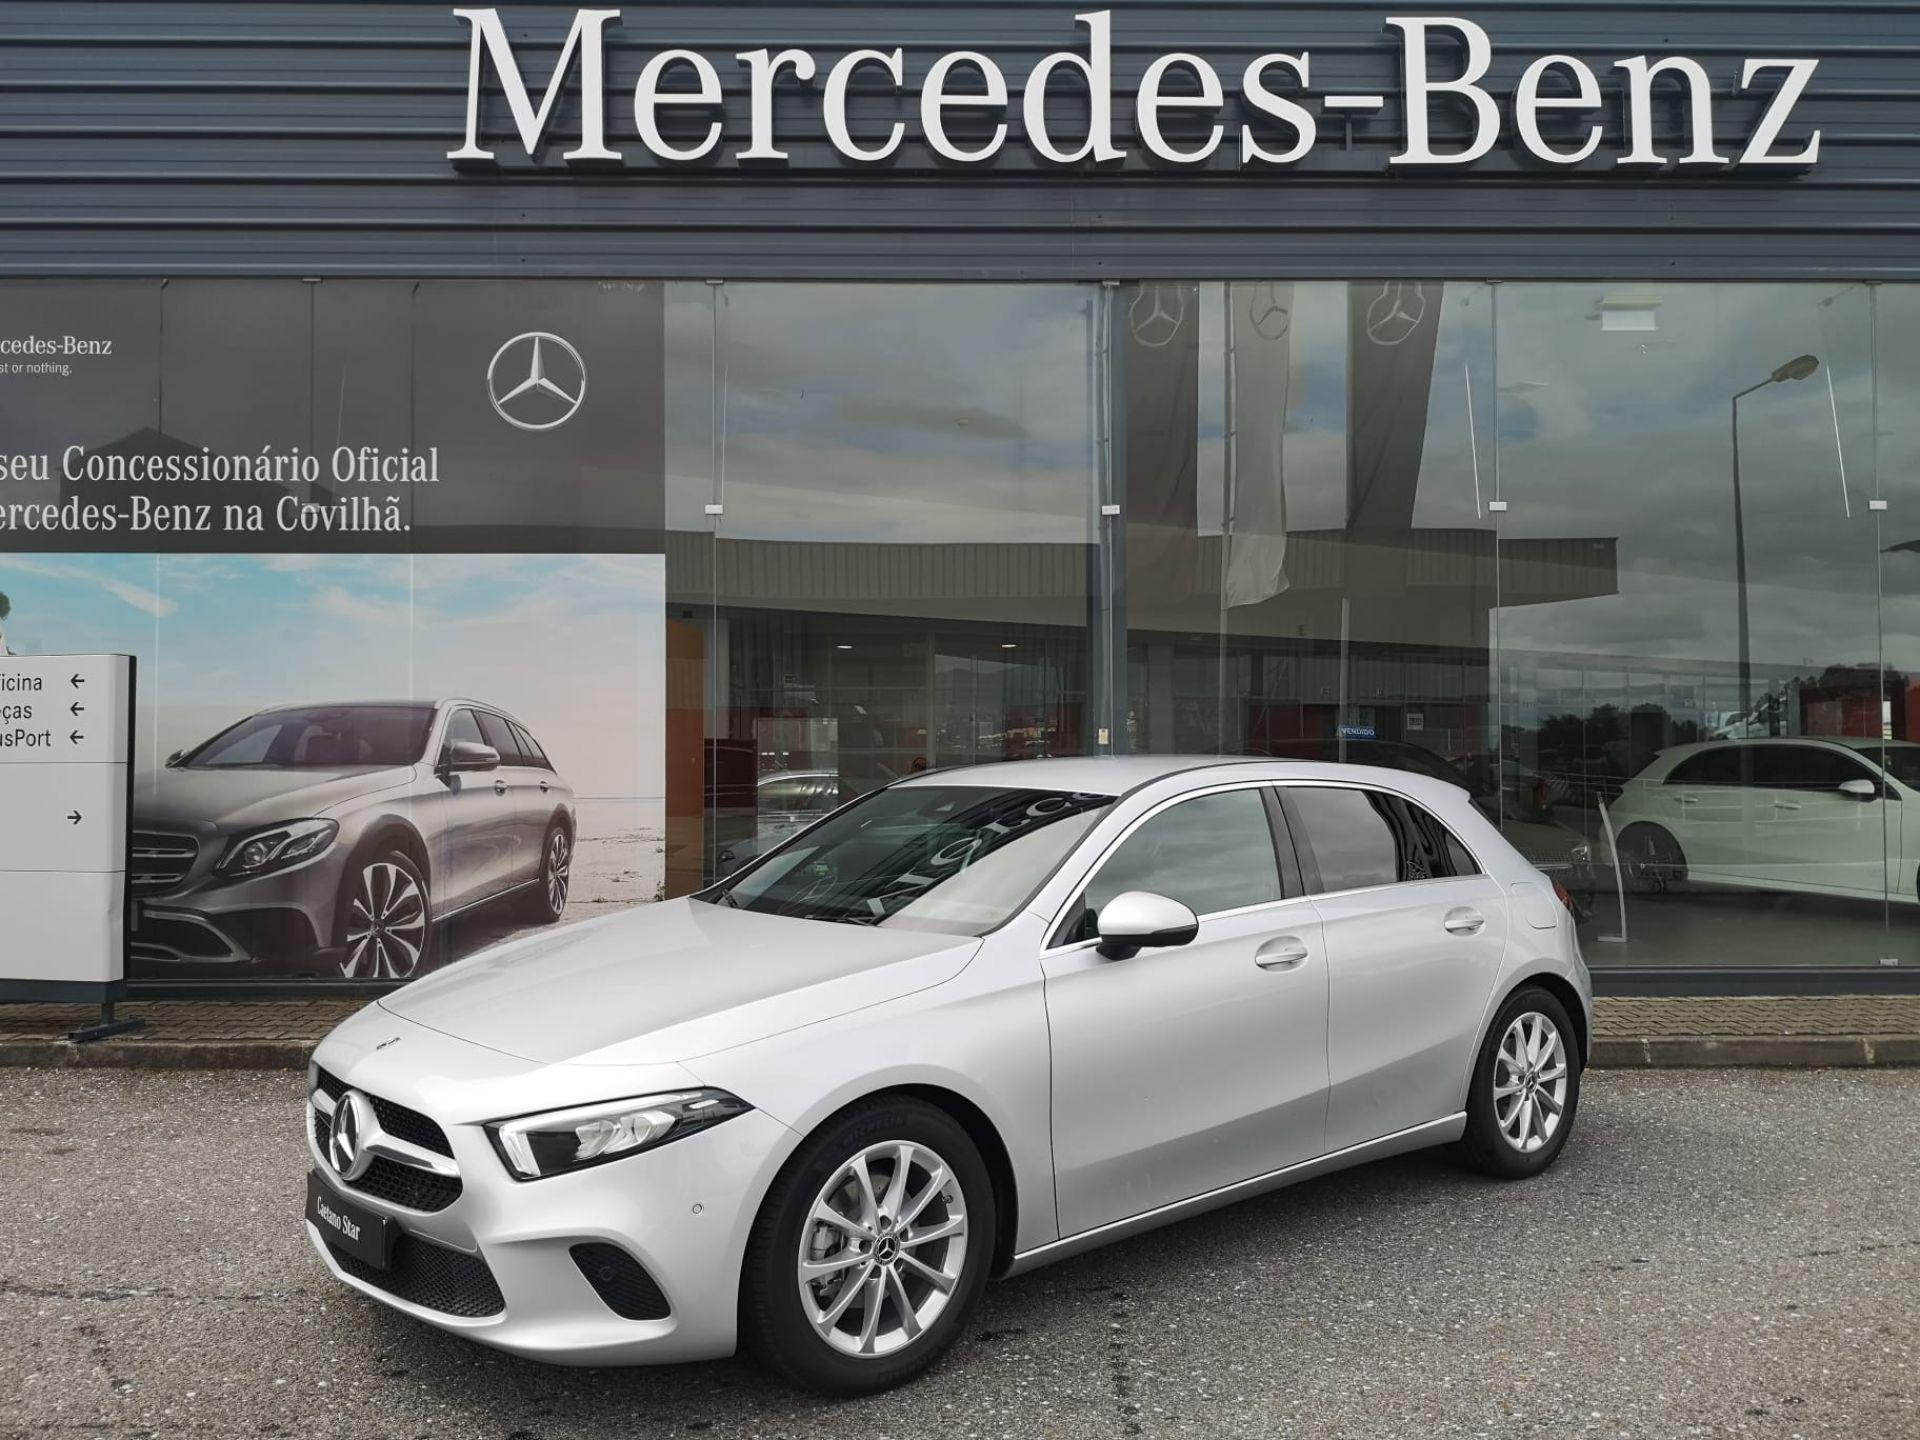 Mercedes Benz Classe A 180d Auto segunda mão Castelo Branco